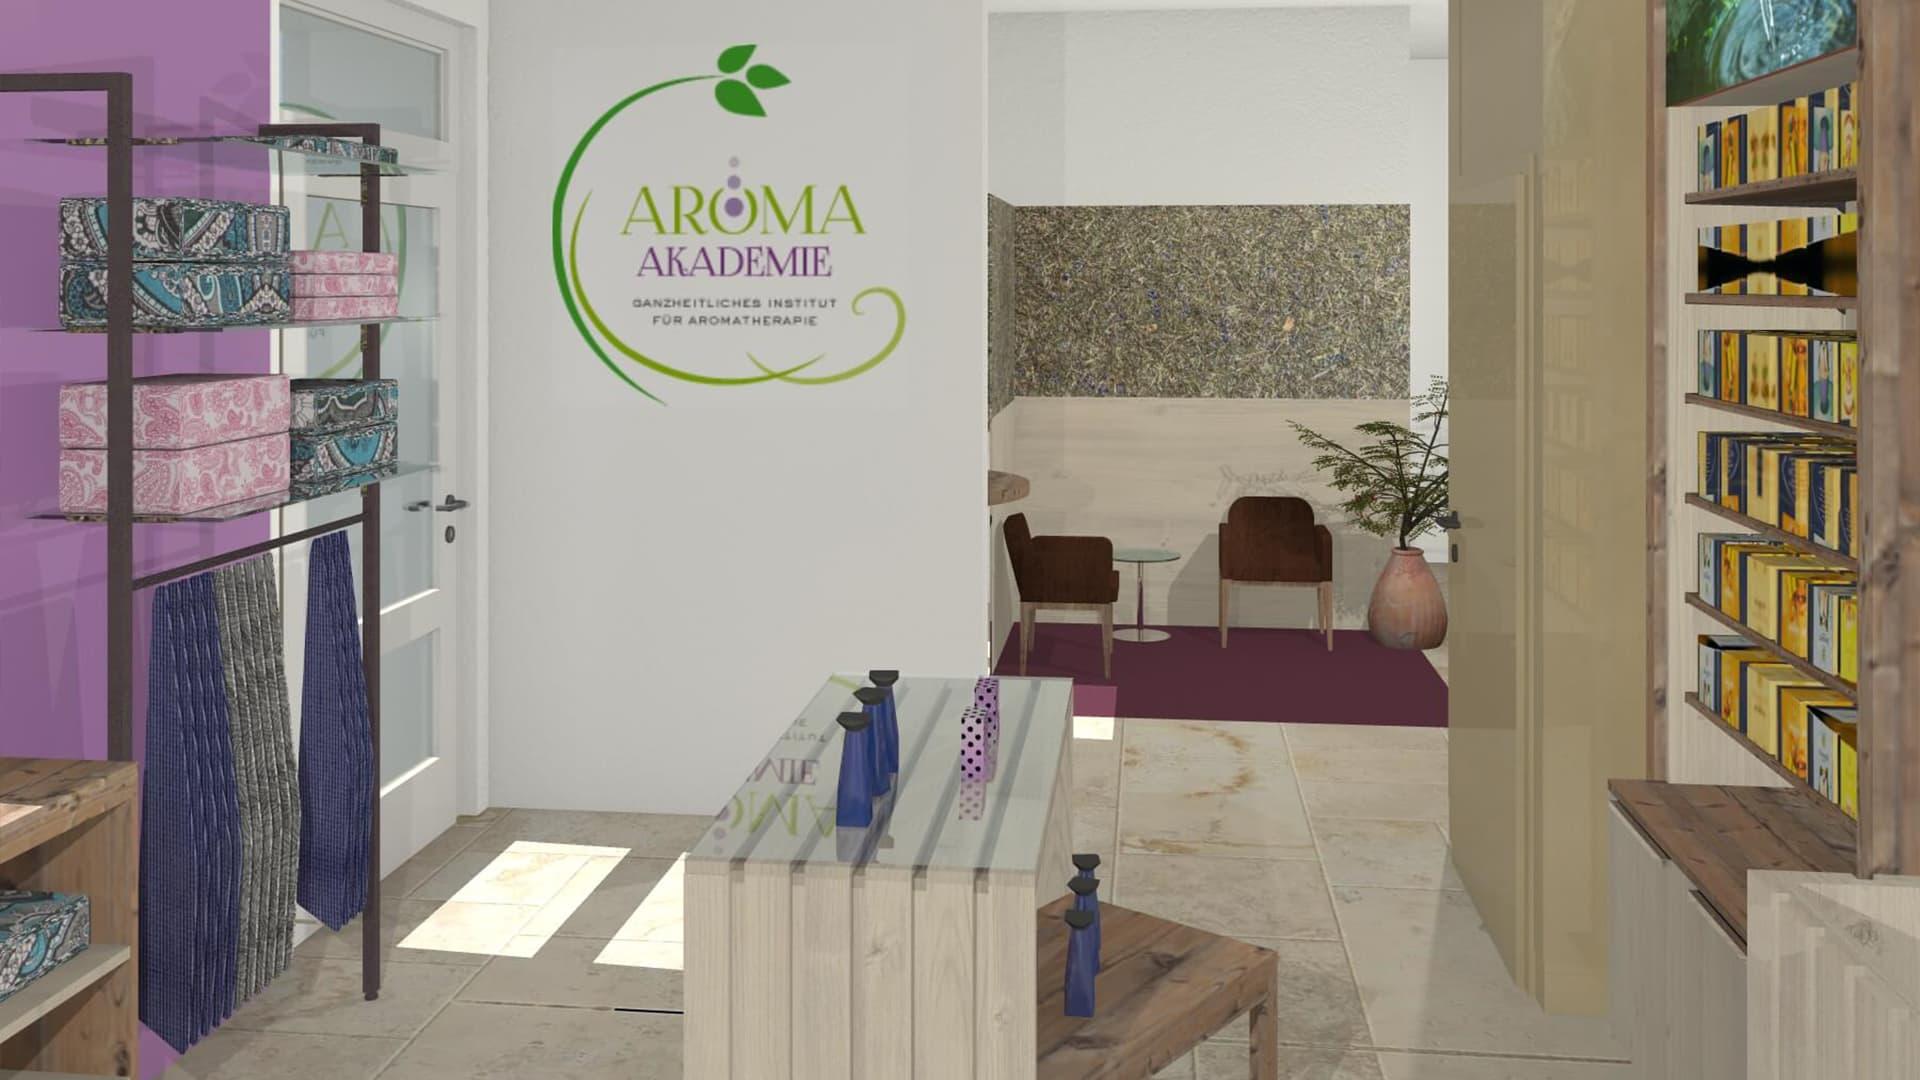 Ladenbau Kosmetik Aroma Akademie